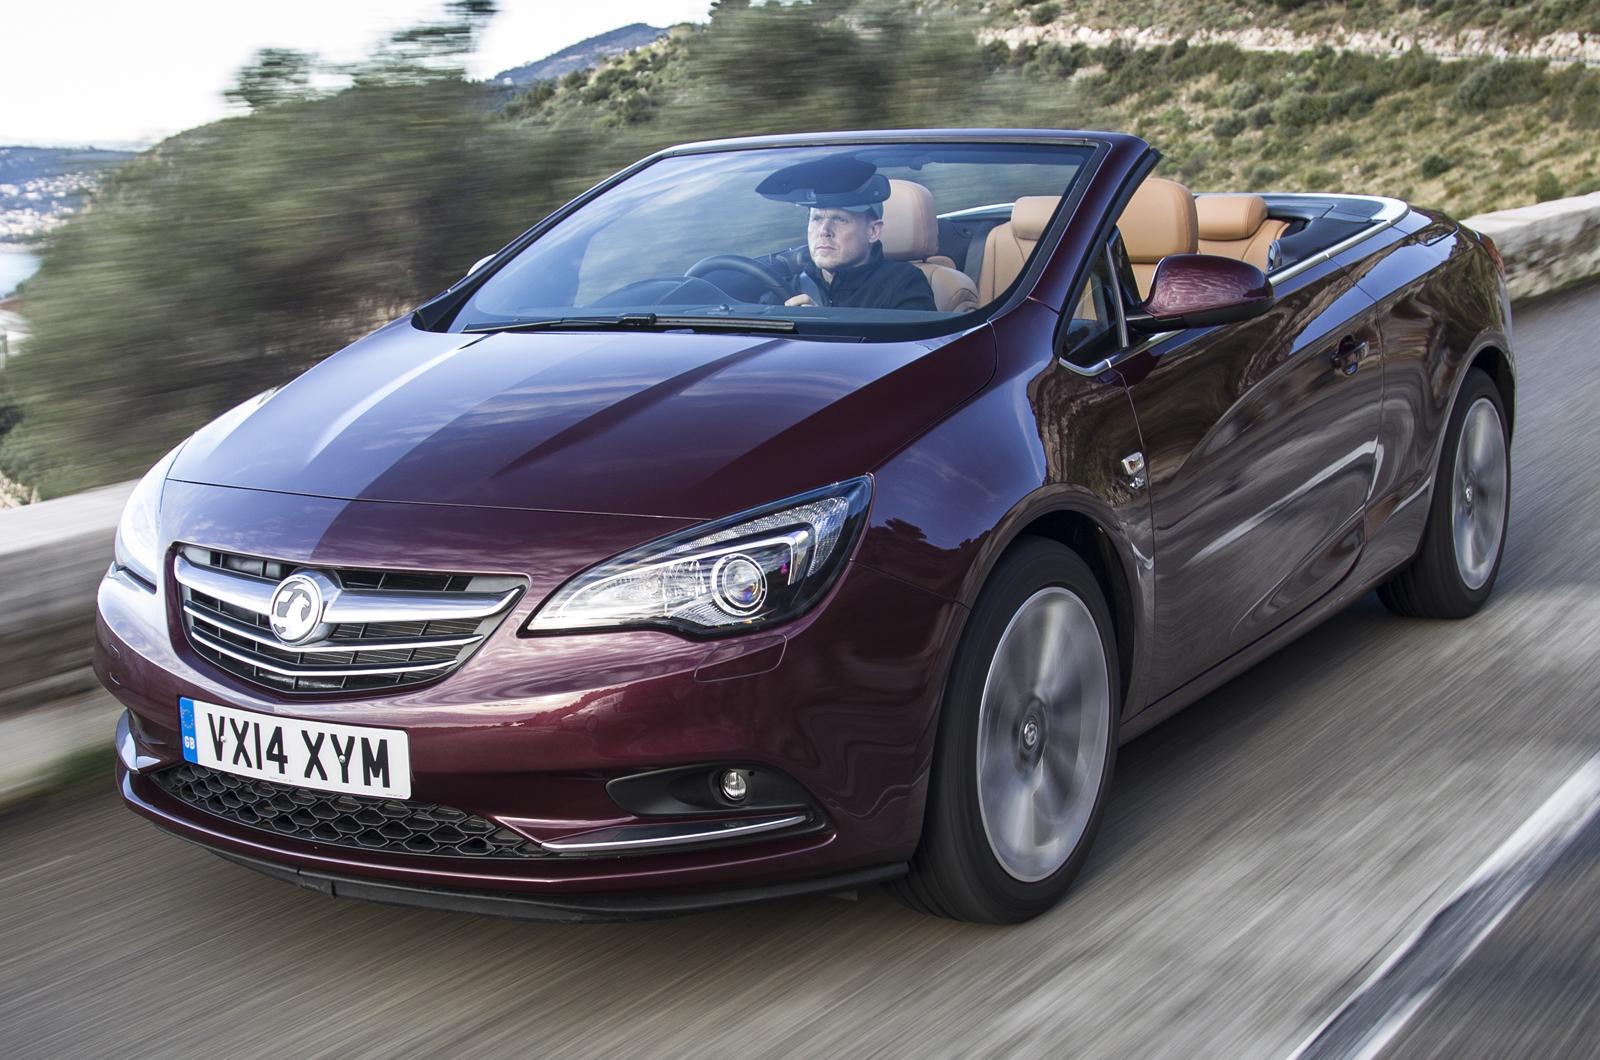 Reviews On Cascada Car